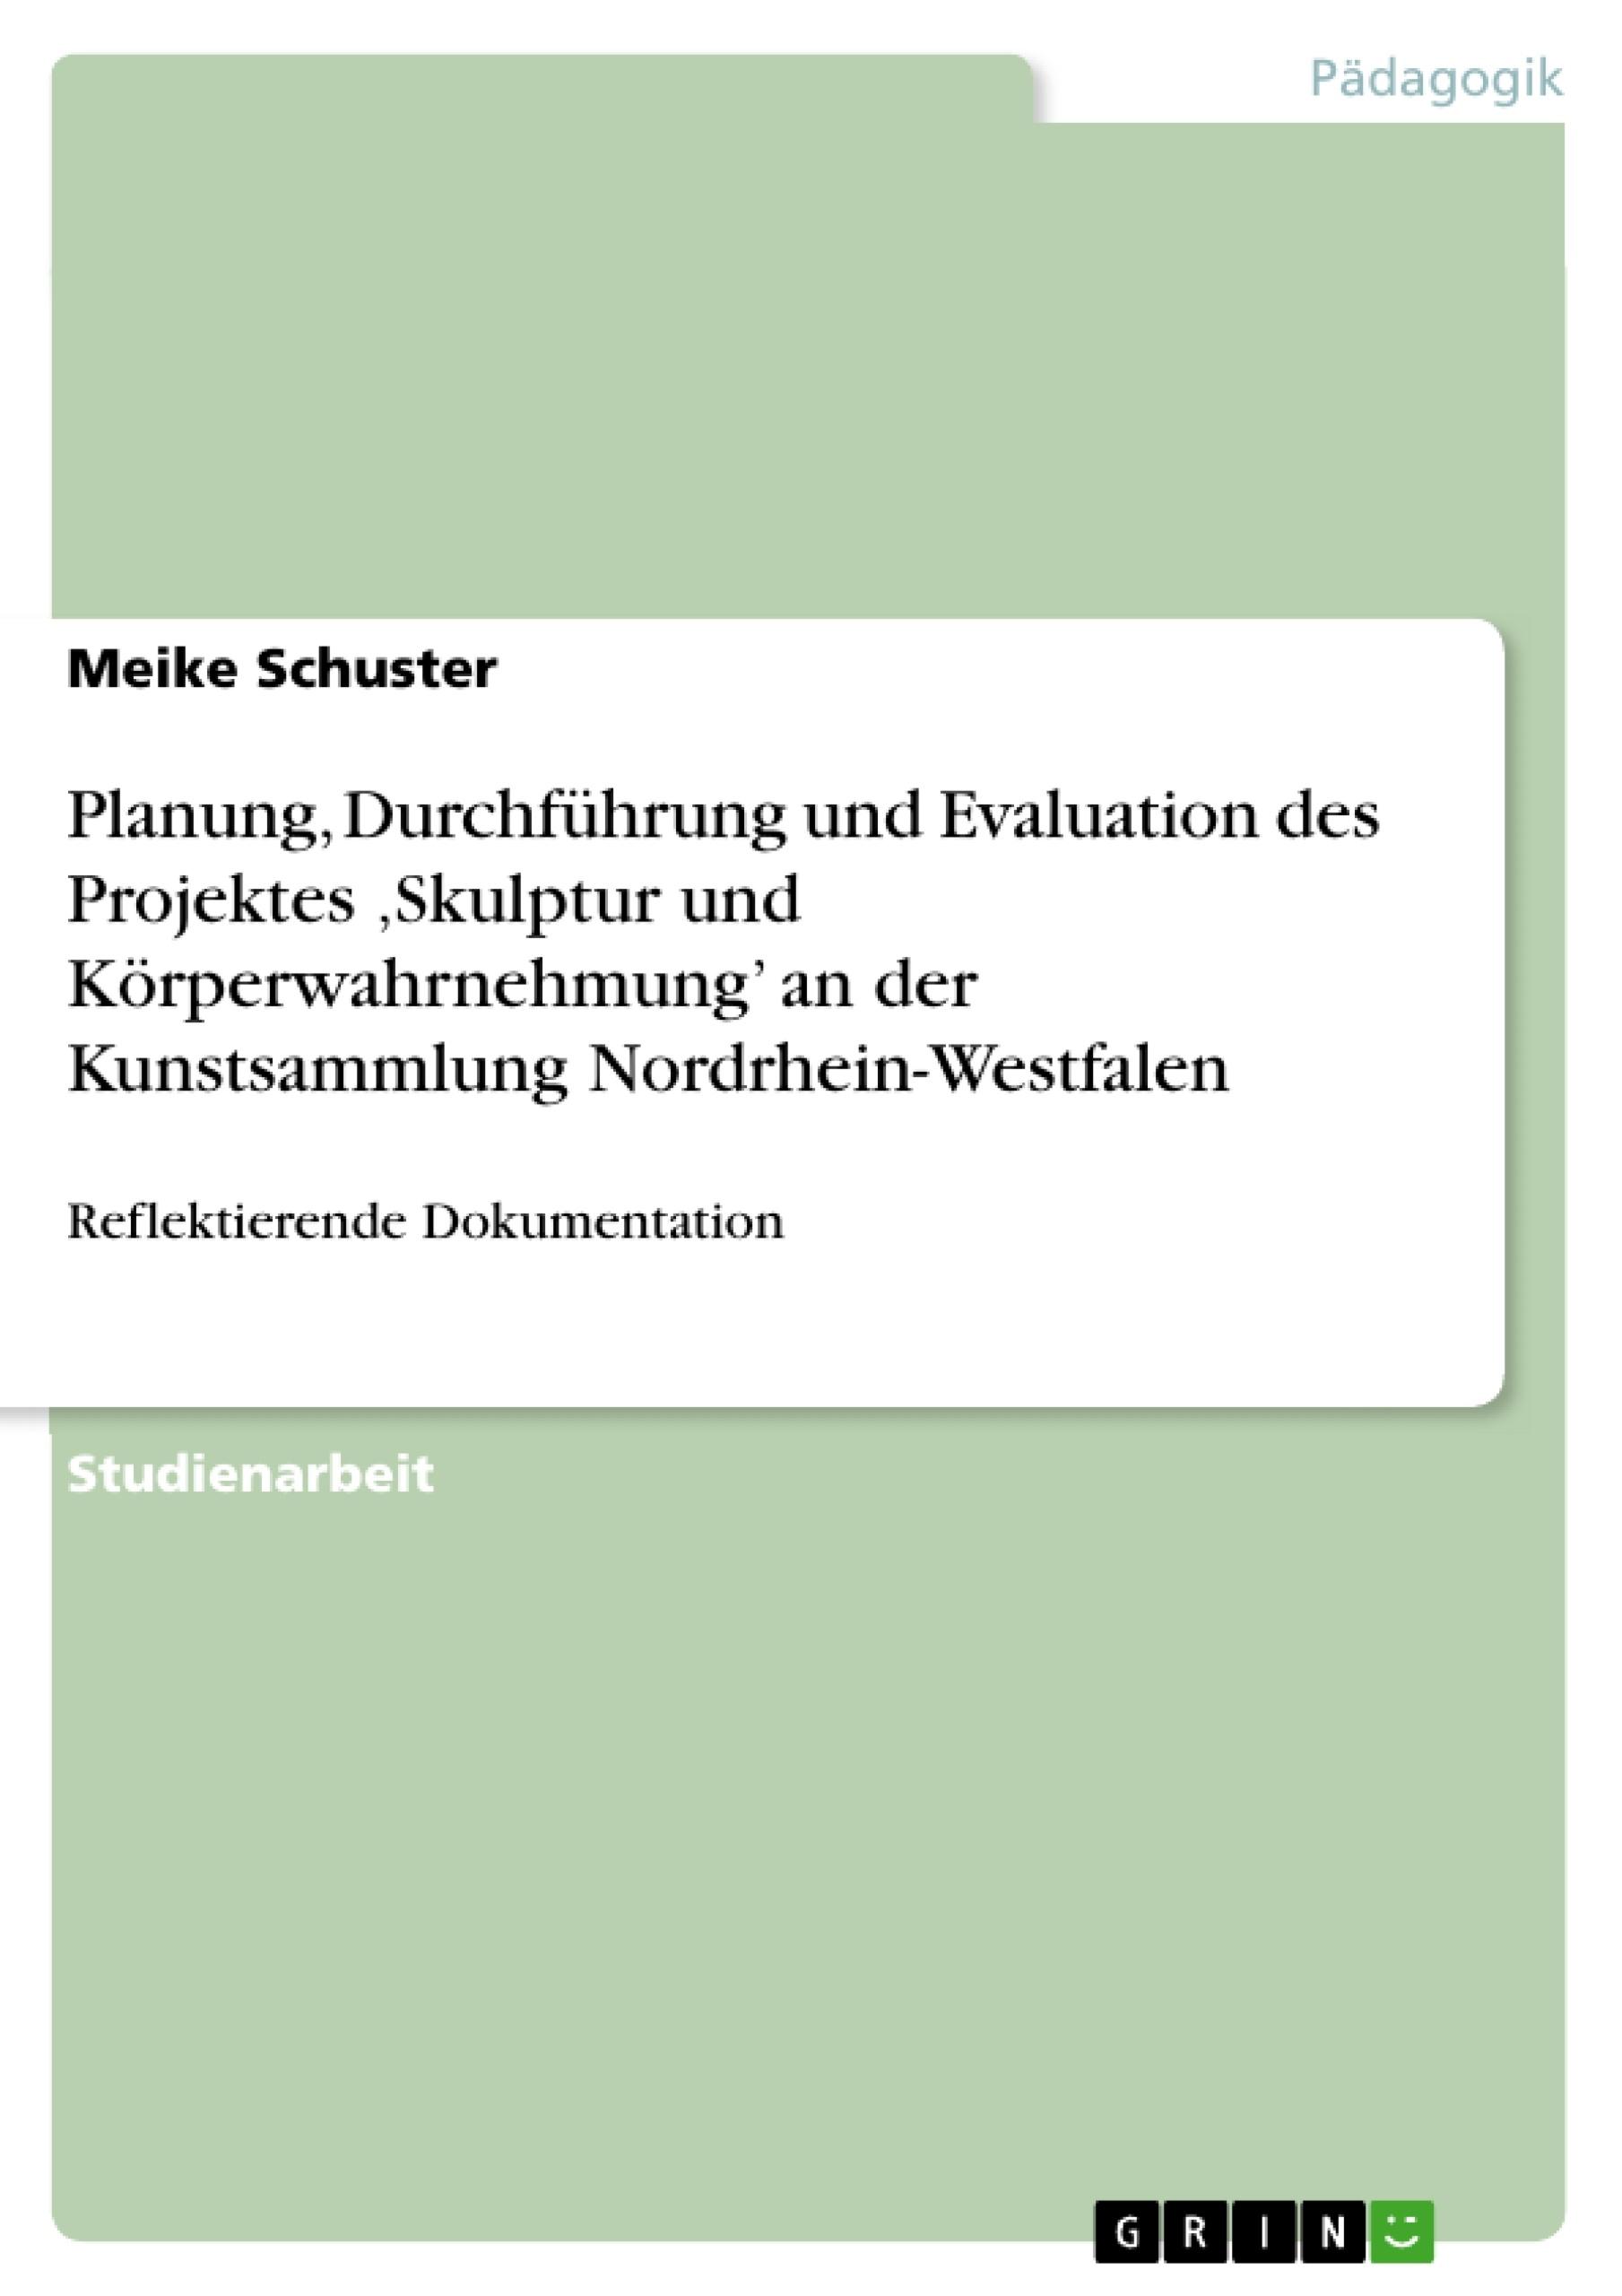 Titel: Planung, Durchführung und Evaluation des Projektes 'Skulptur und Körperwahrnehmung' an der Kunstsammlung Nordrhein-Westfalen